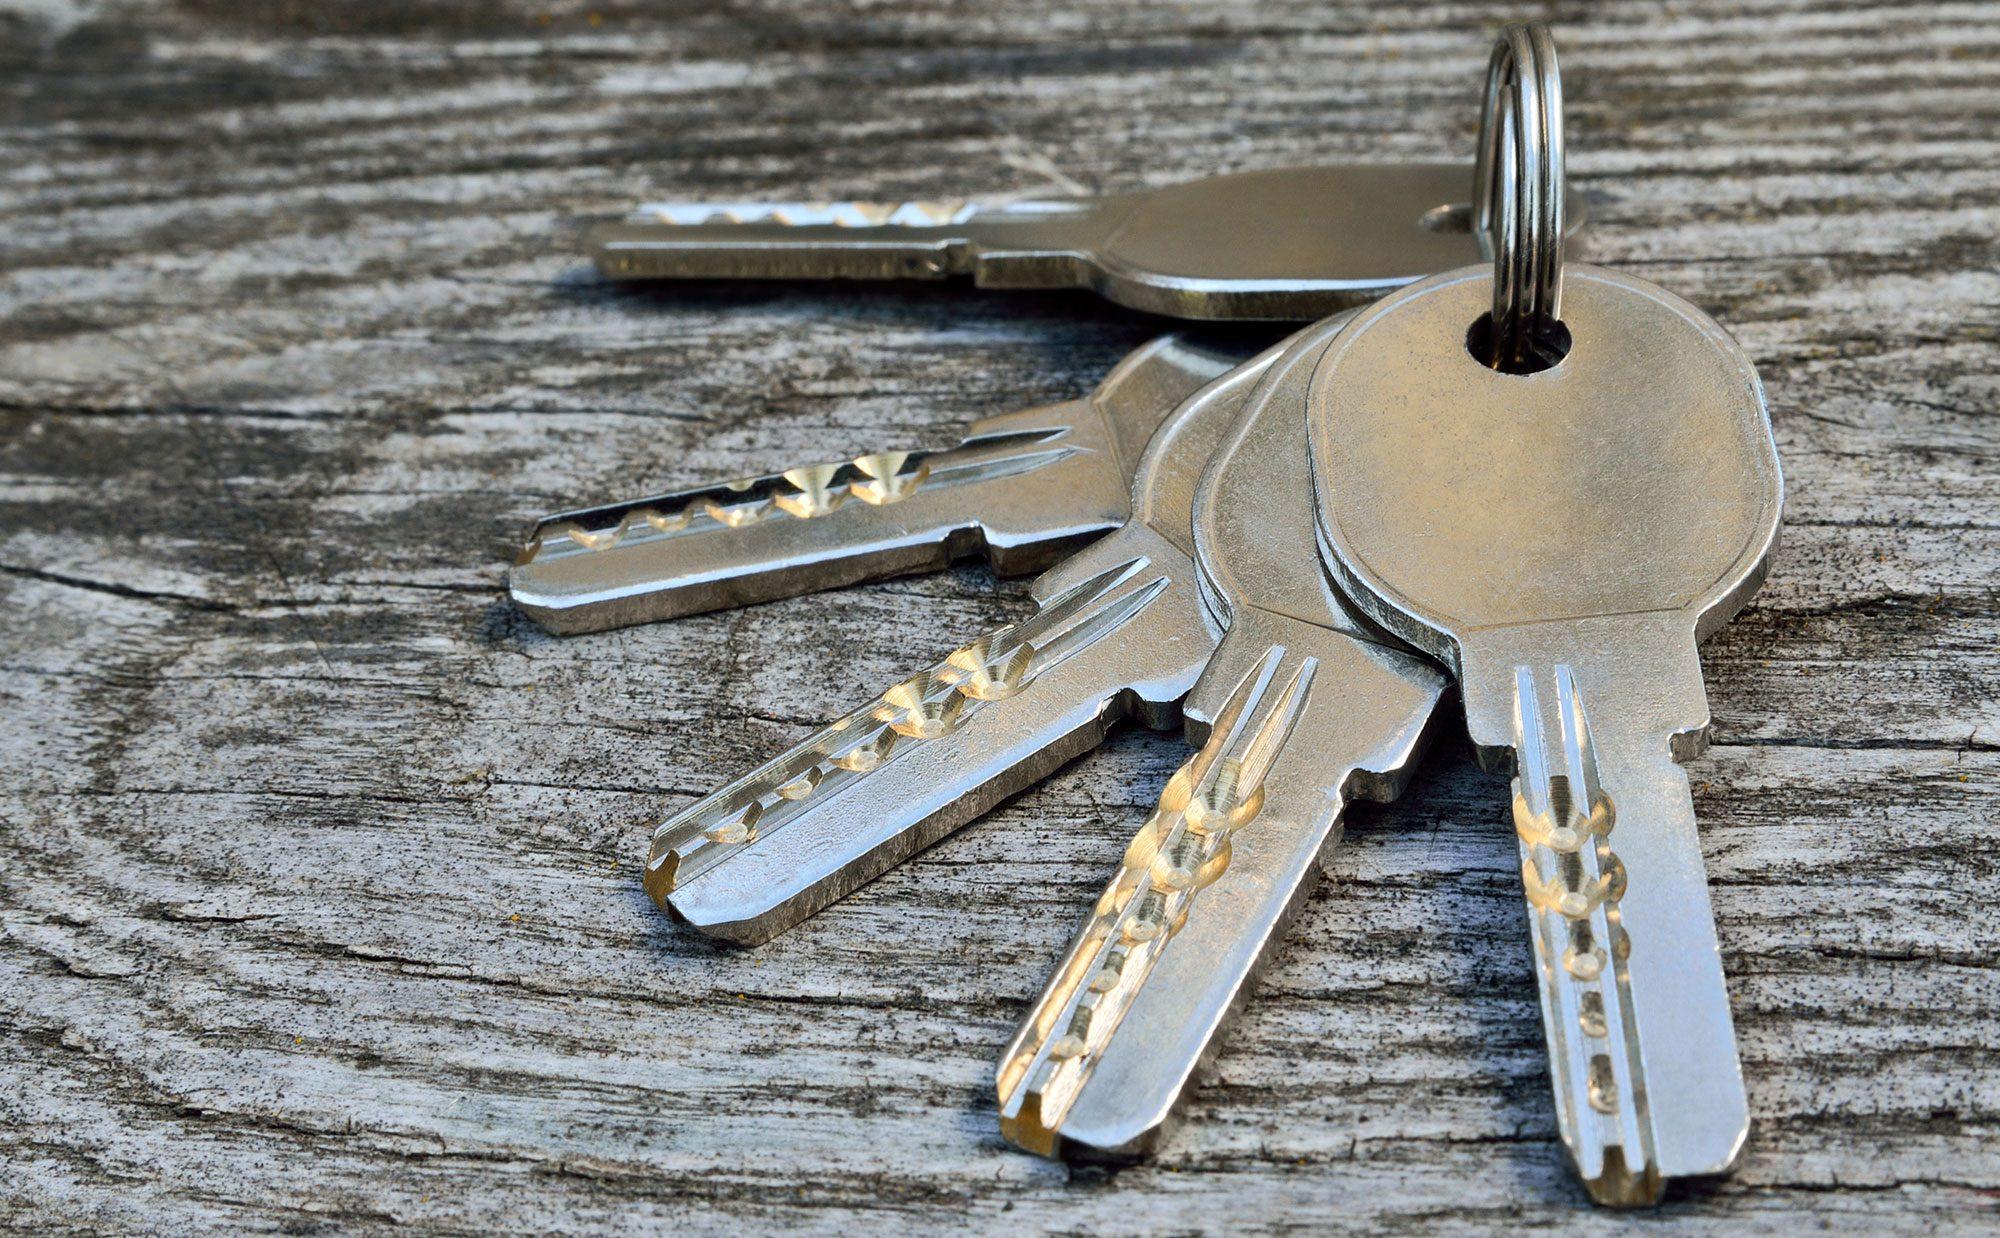 ドア錠のピッキングは簡単? 不法侵入を防ぐ「Key」は「ディンプルキー」